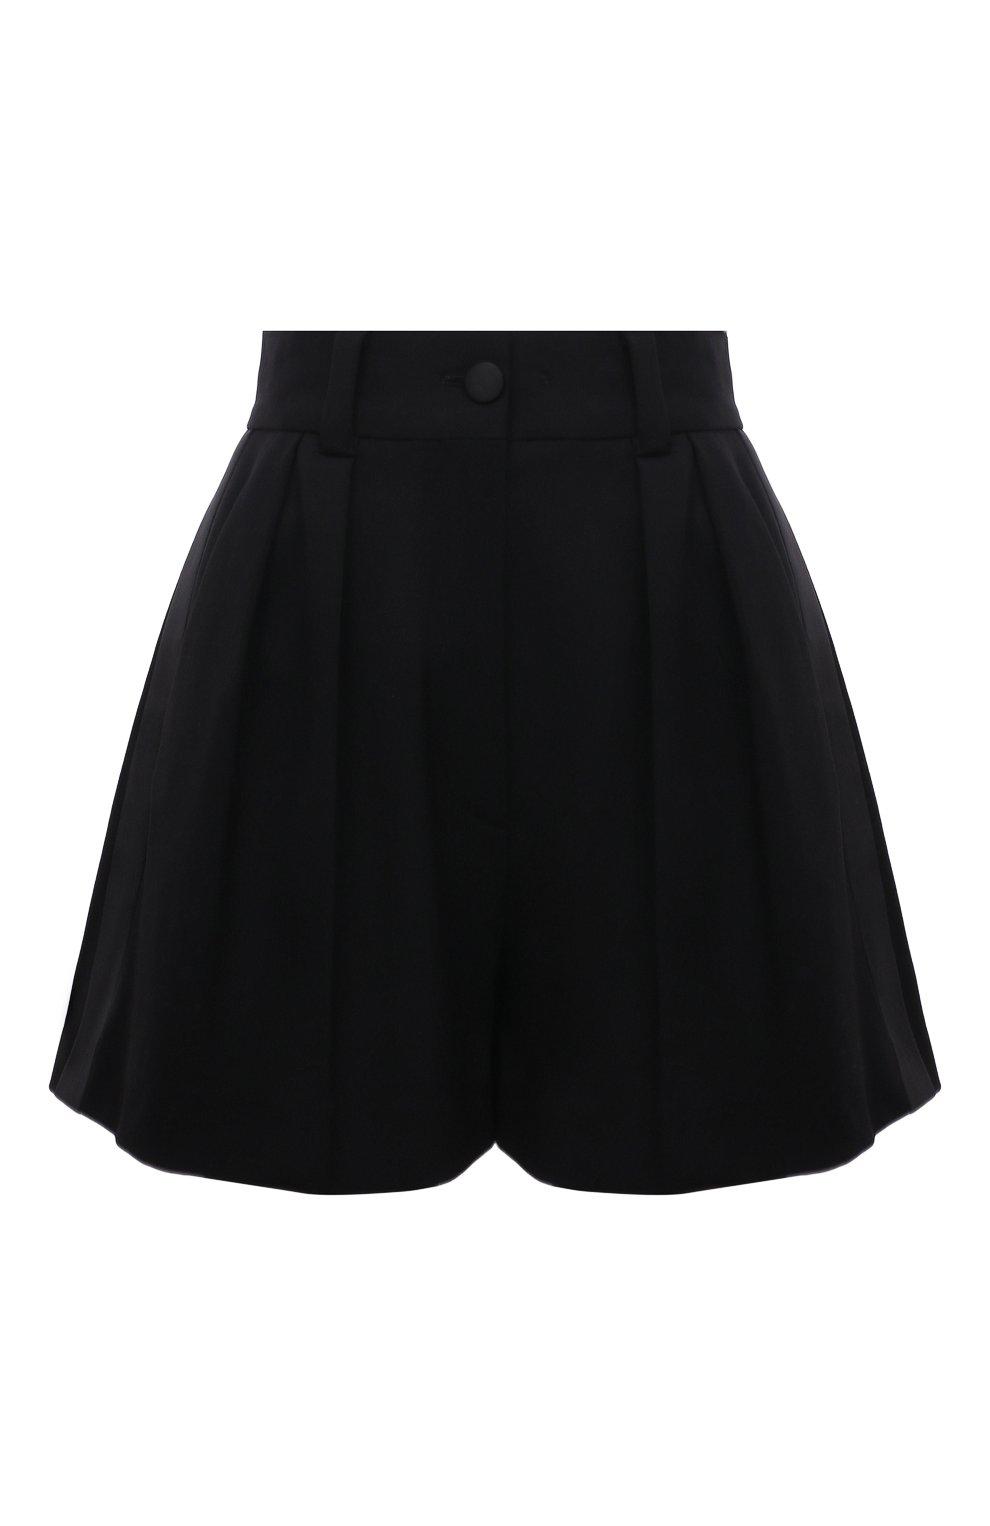 Женские шерстяные шорты MIU MIU черного цвета, арт. MP1425-1R1-F0002 | Фото 1 (Женское Кросс-КТ: Шорты-одежда; Материал внешний: Шерсть; Длина Ж (юбки, платья, шорты): Мини; Кросс-КТ: Широкие; Стили: Классический)